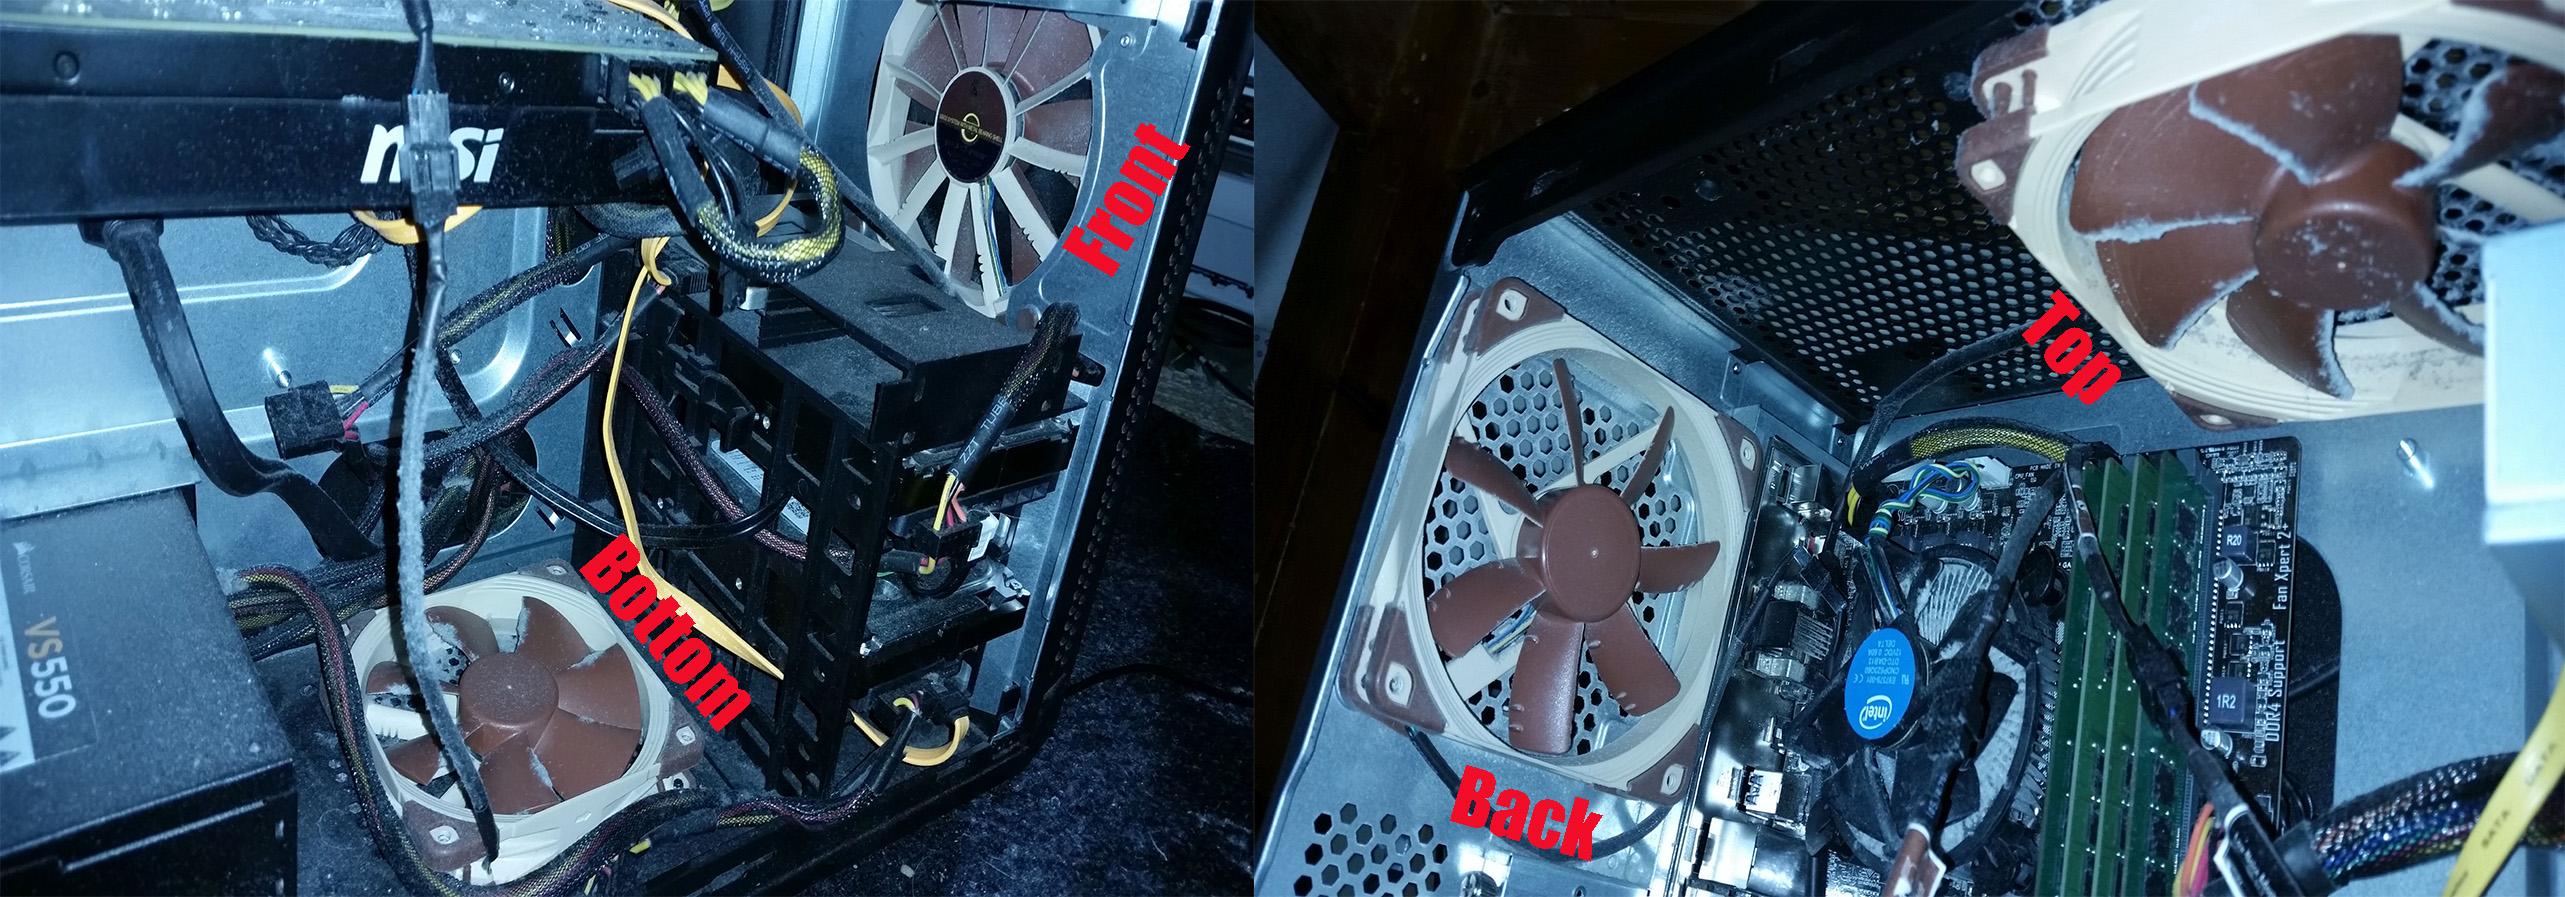 Wrong fan-setup?! Annoying